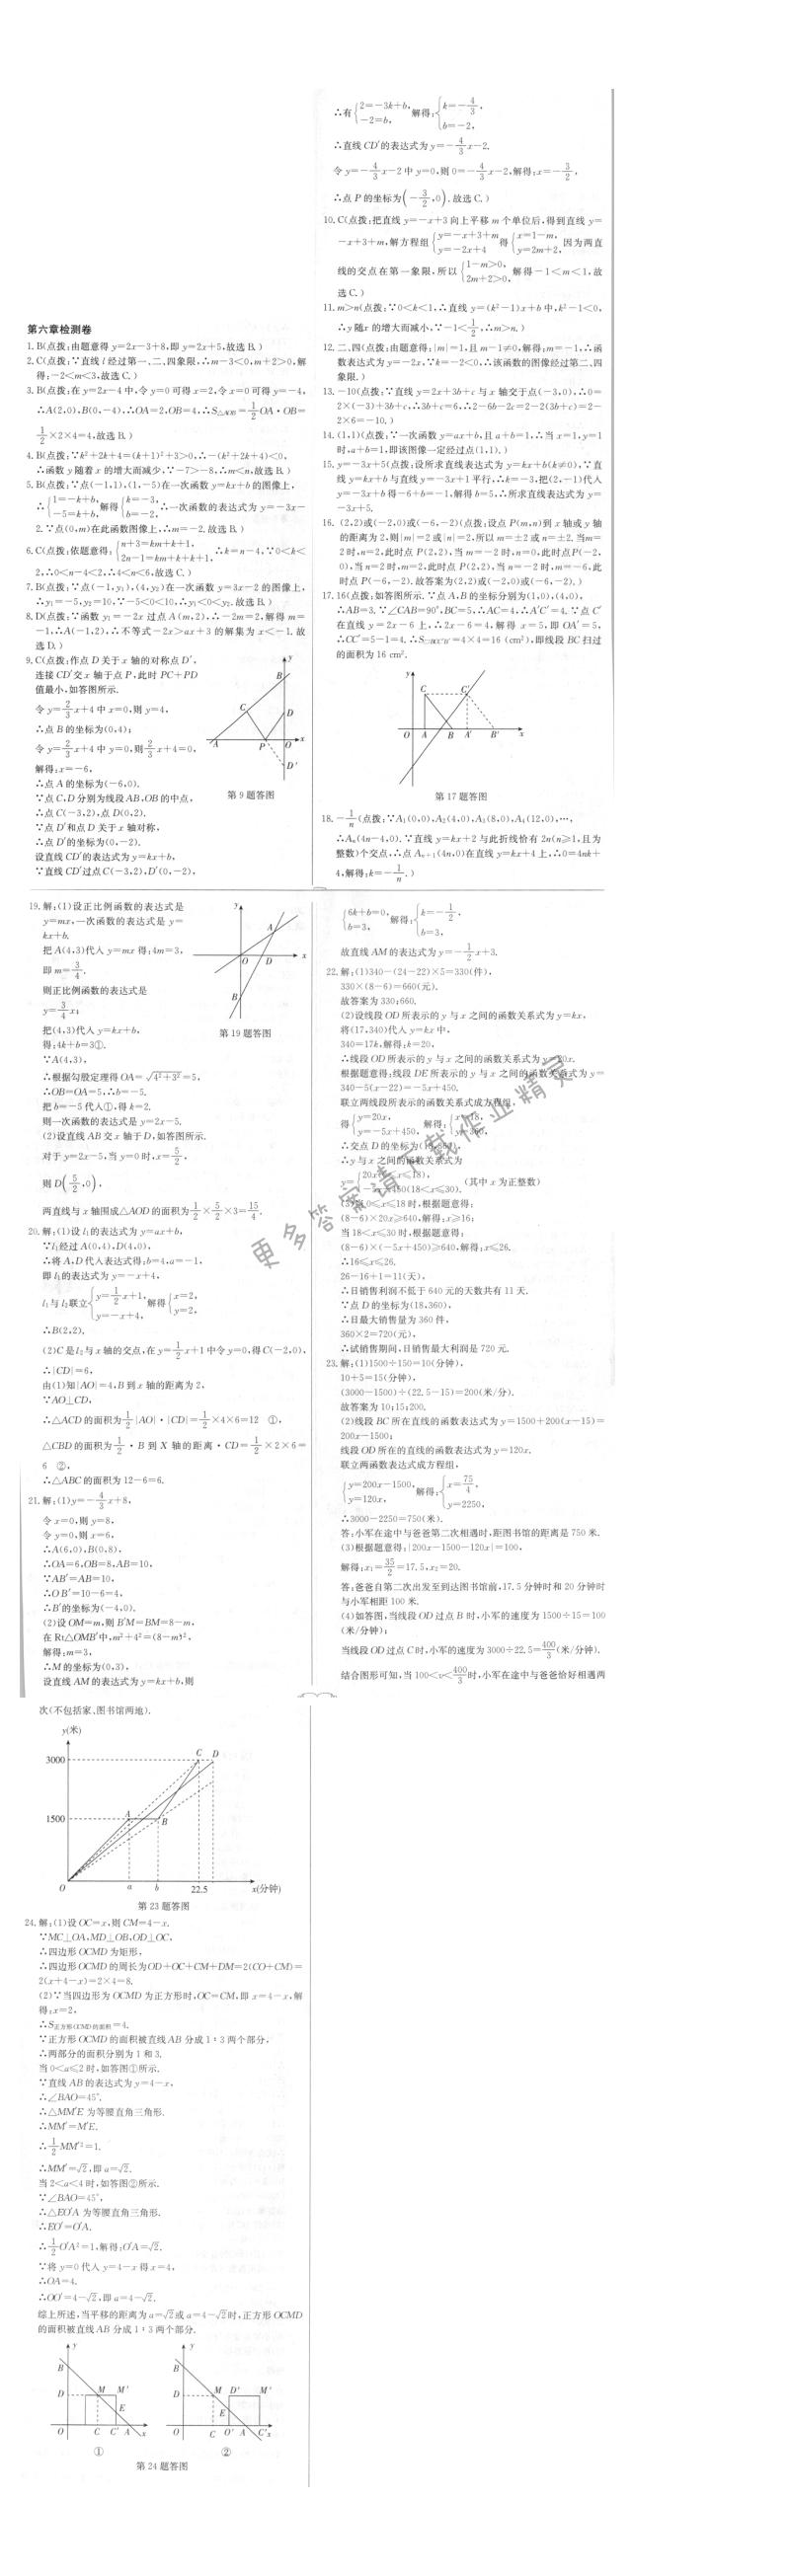 启东中学作业本八年级数学上册江苏版 第六章检测卷